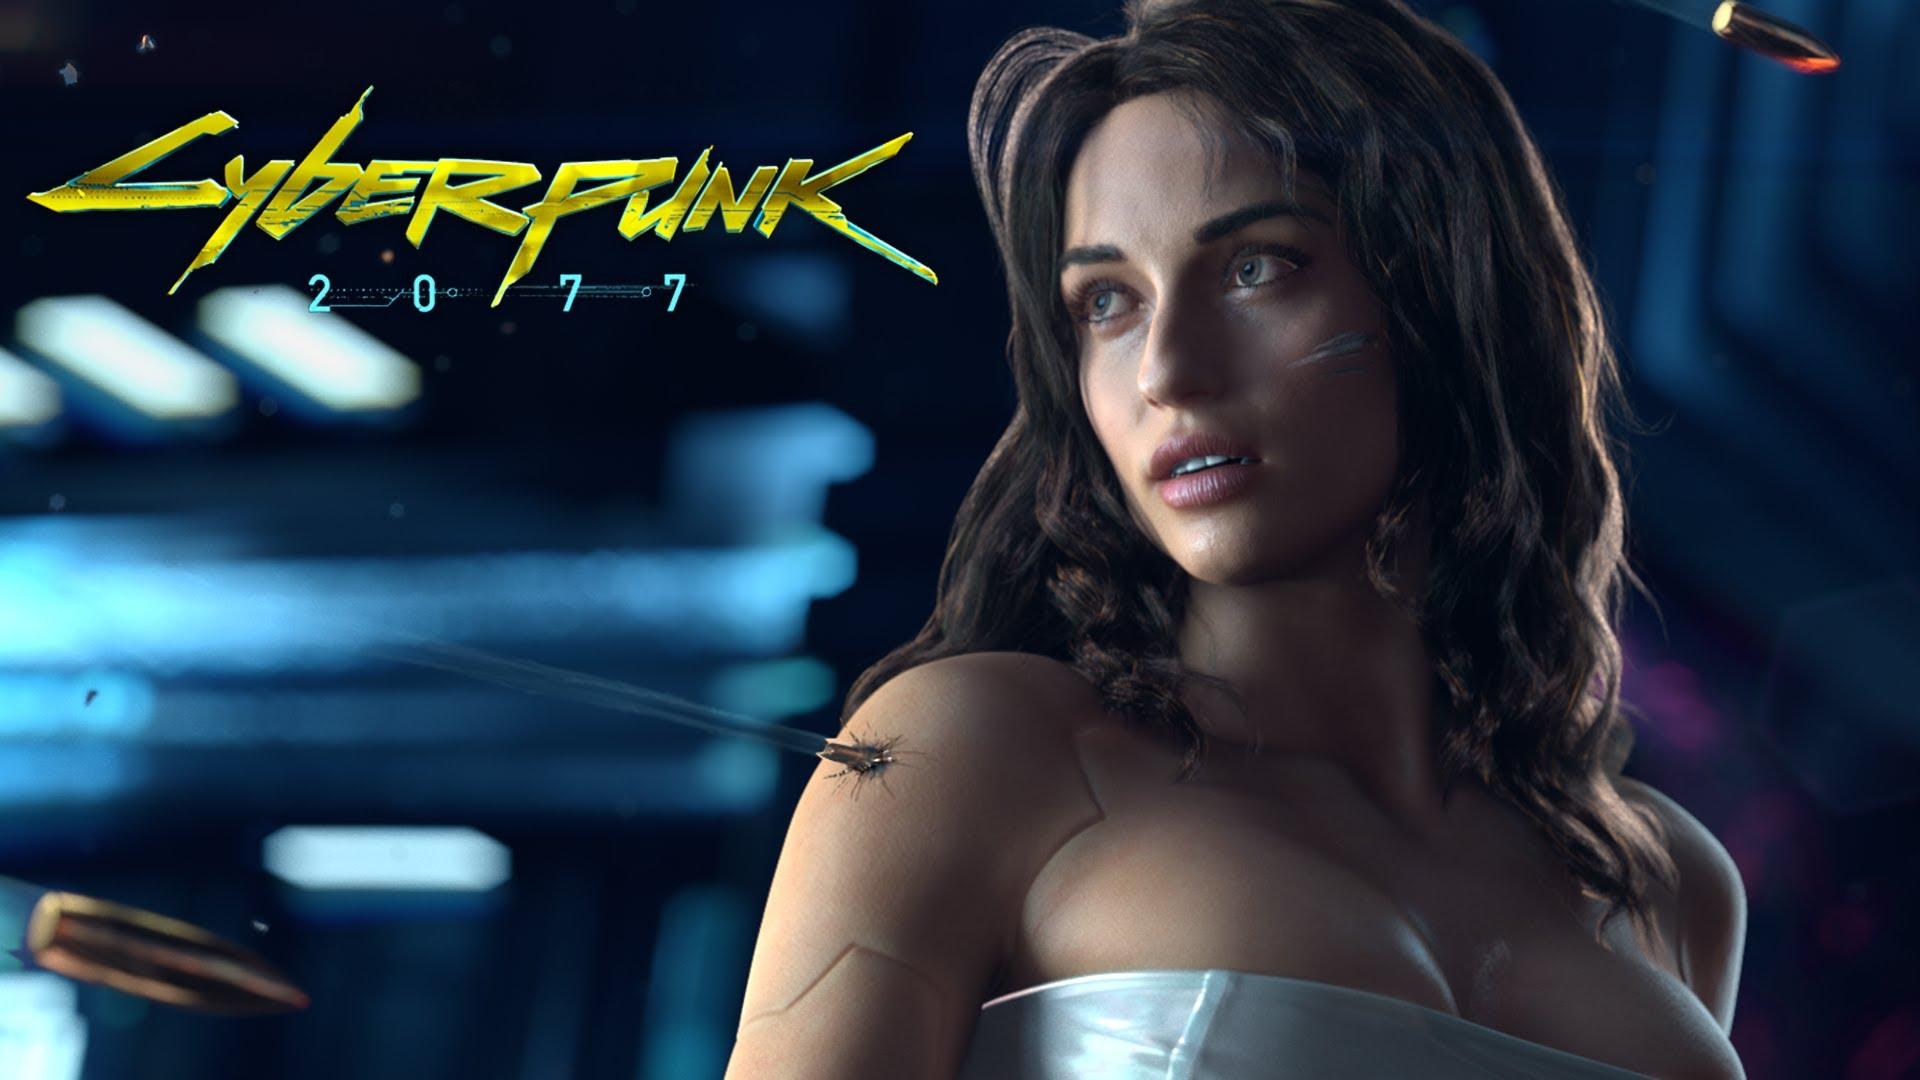 Cyberpunk 2077 bi mogao biti prisutan na E3 ove godine